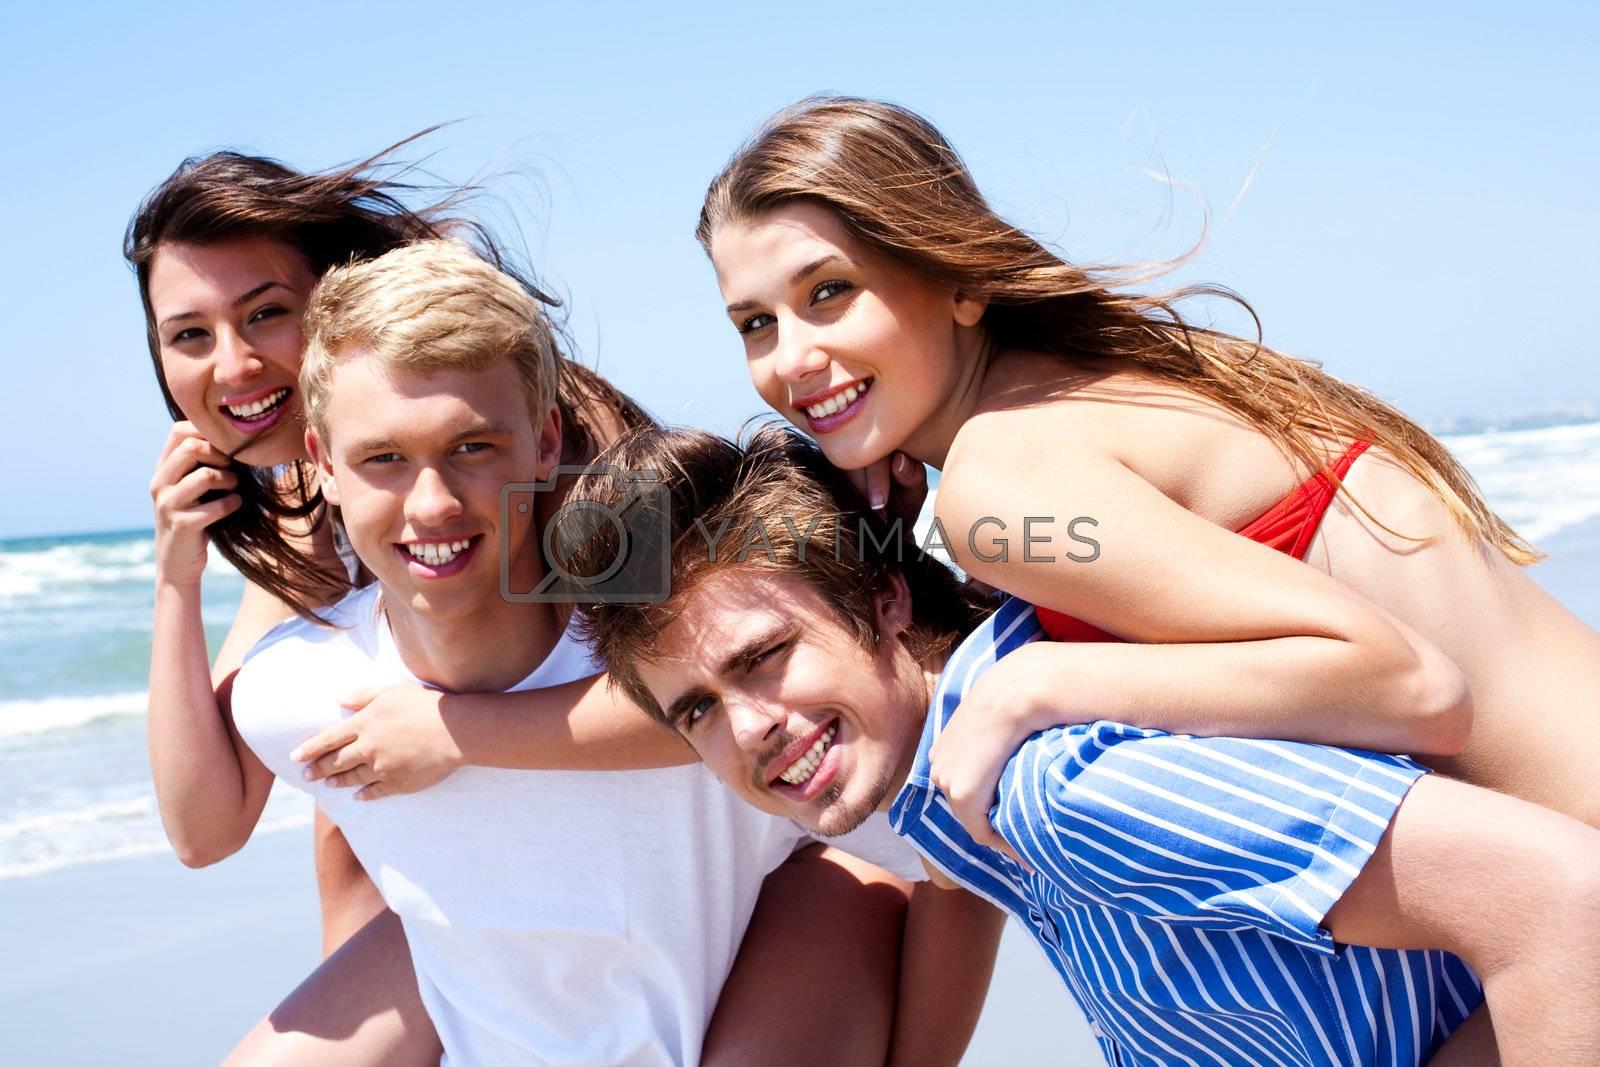 Young women enjoying piggyback ride by the beach